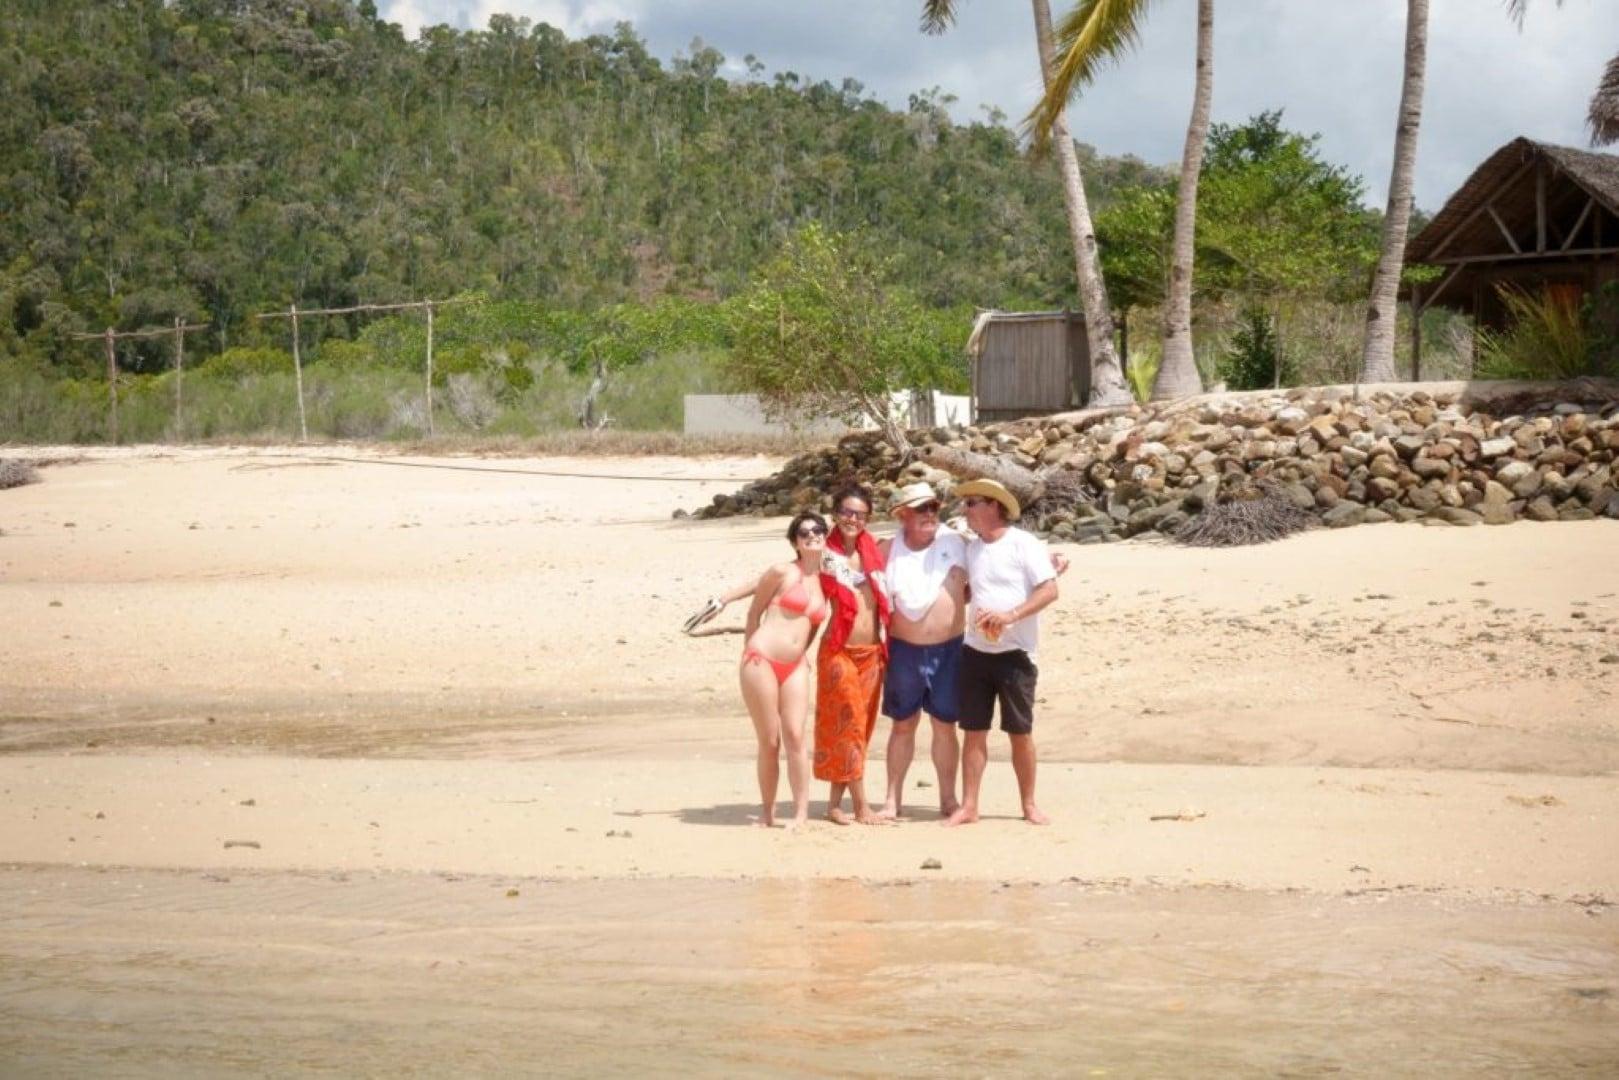 Groupe excursion à Madagascar